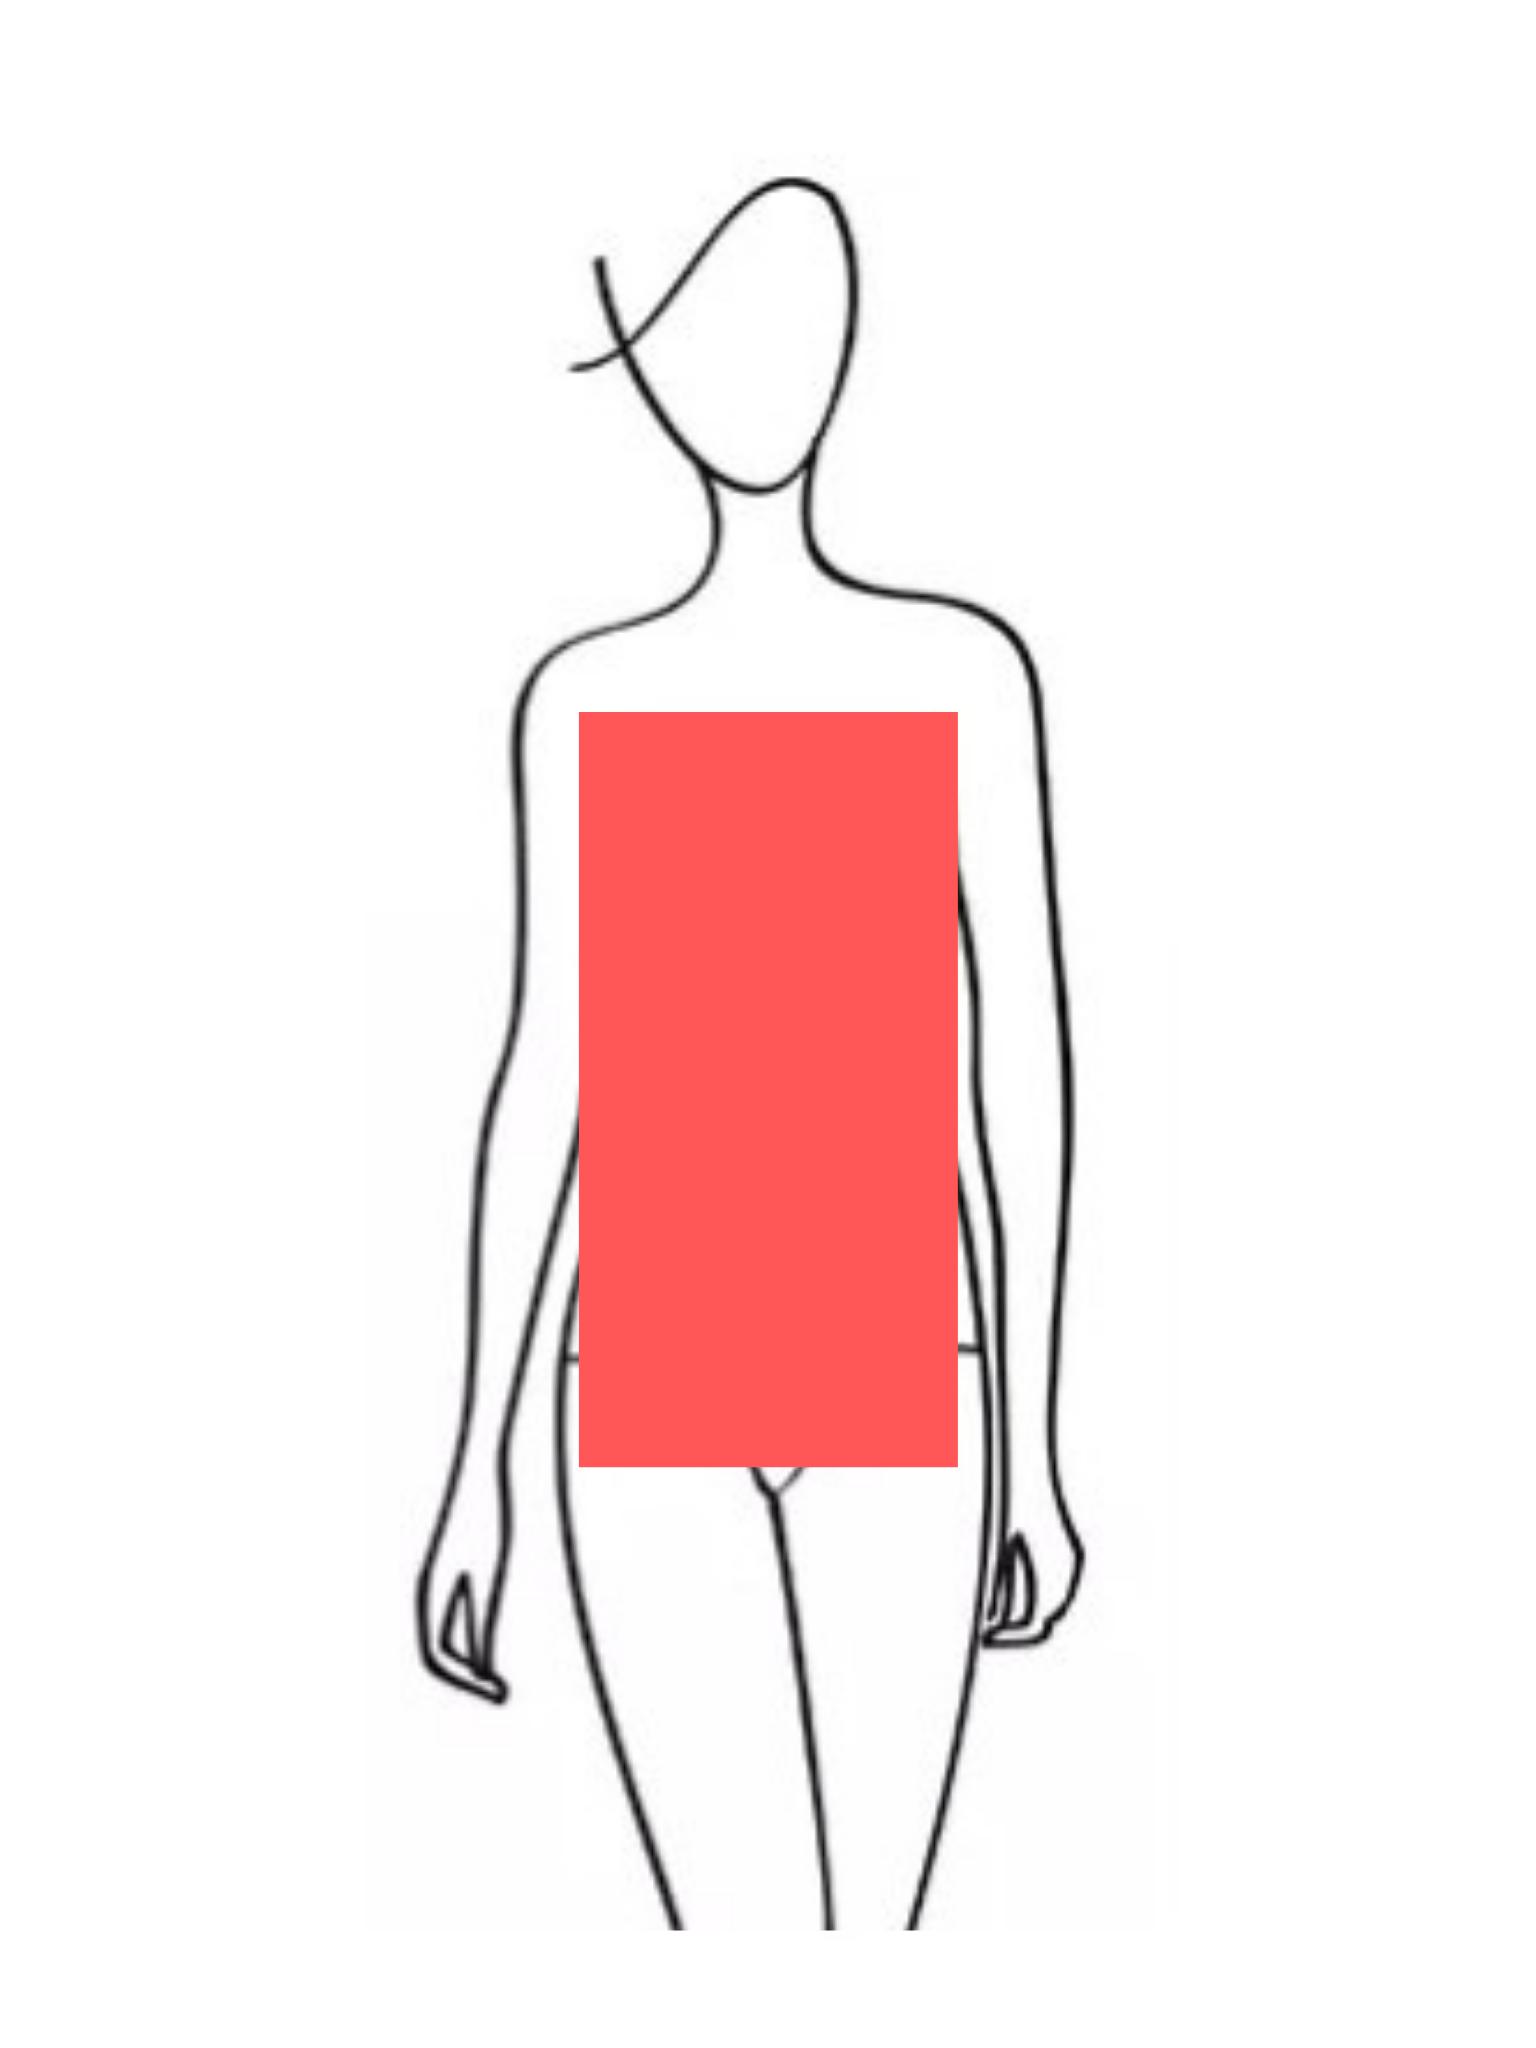 kolumna figura typ sylwetki